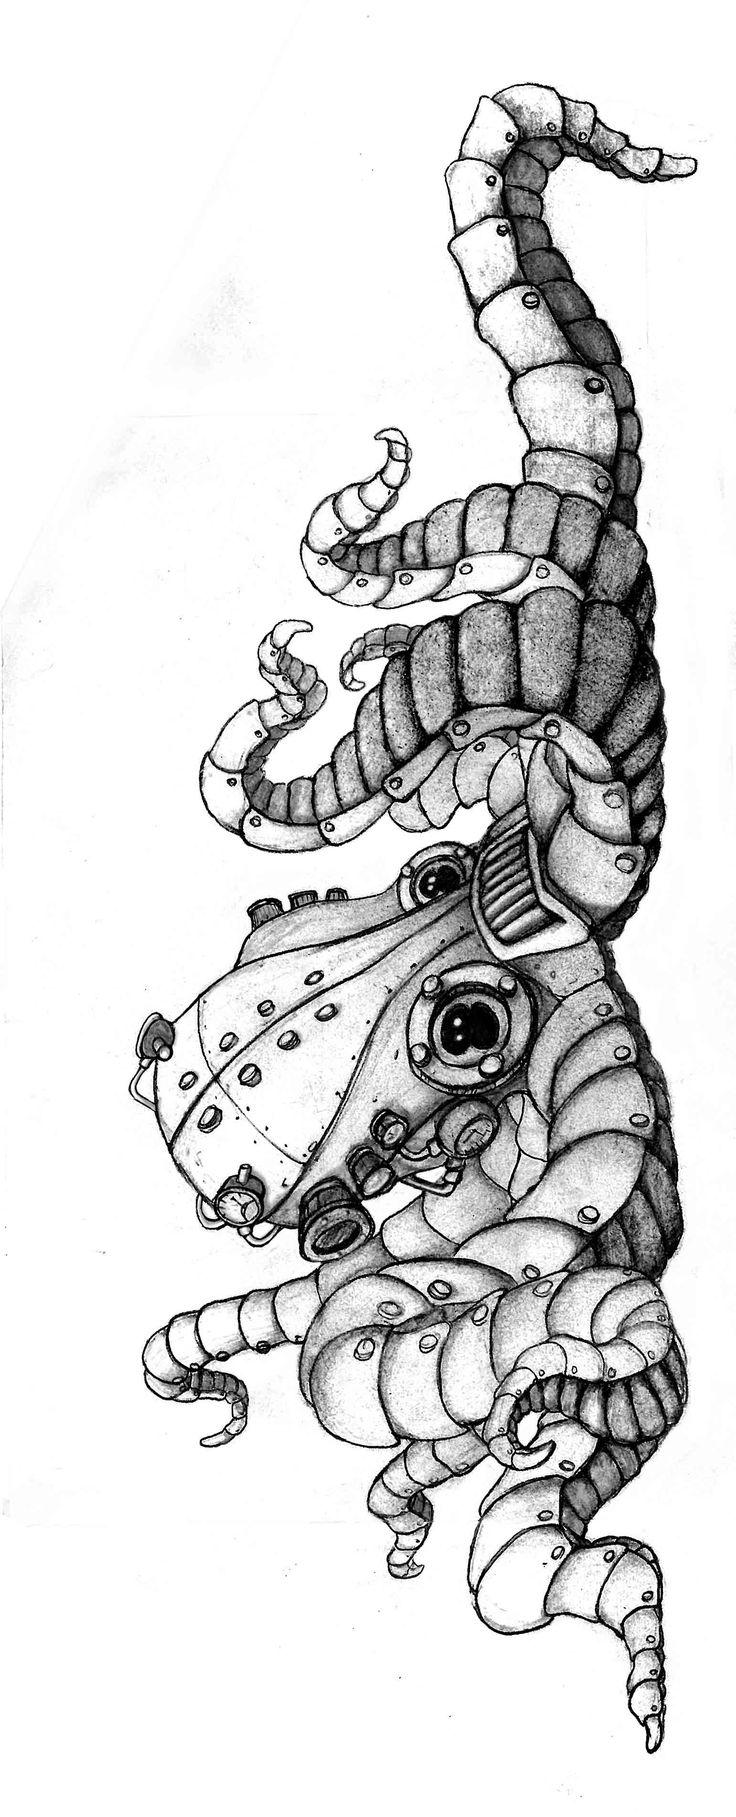 Steampunktopus. Sketch